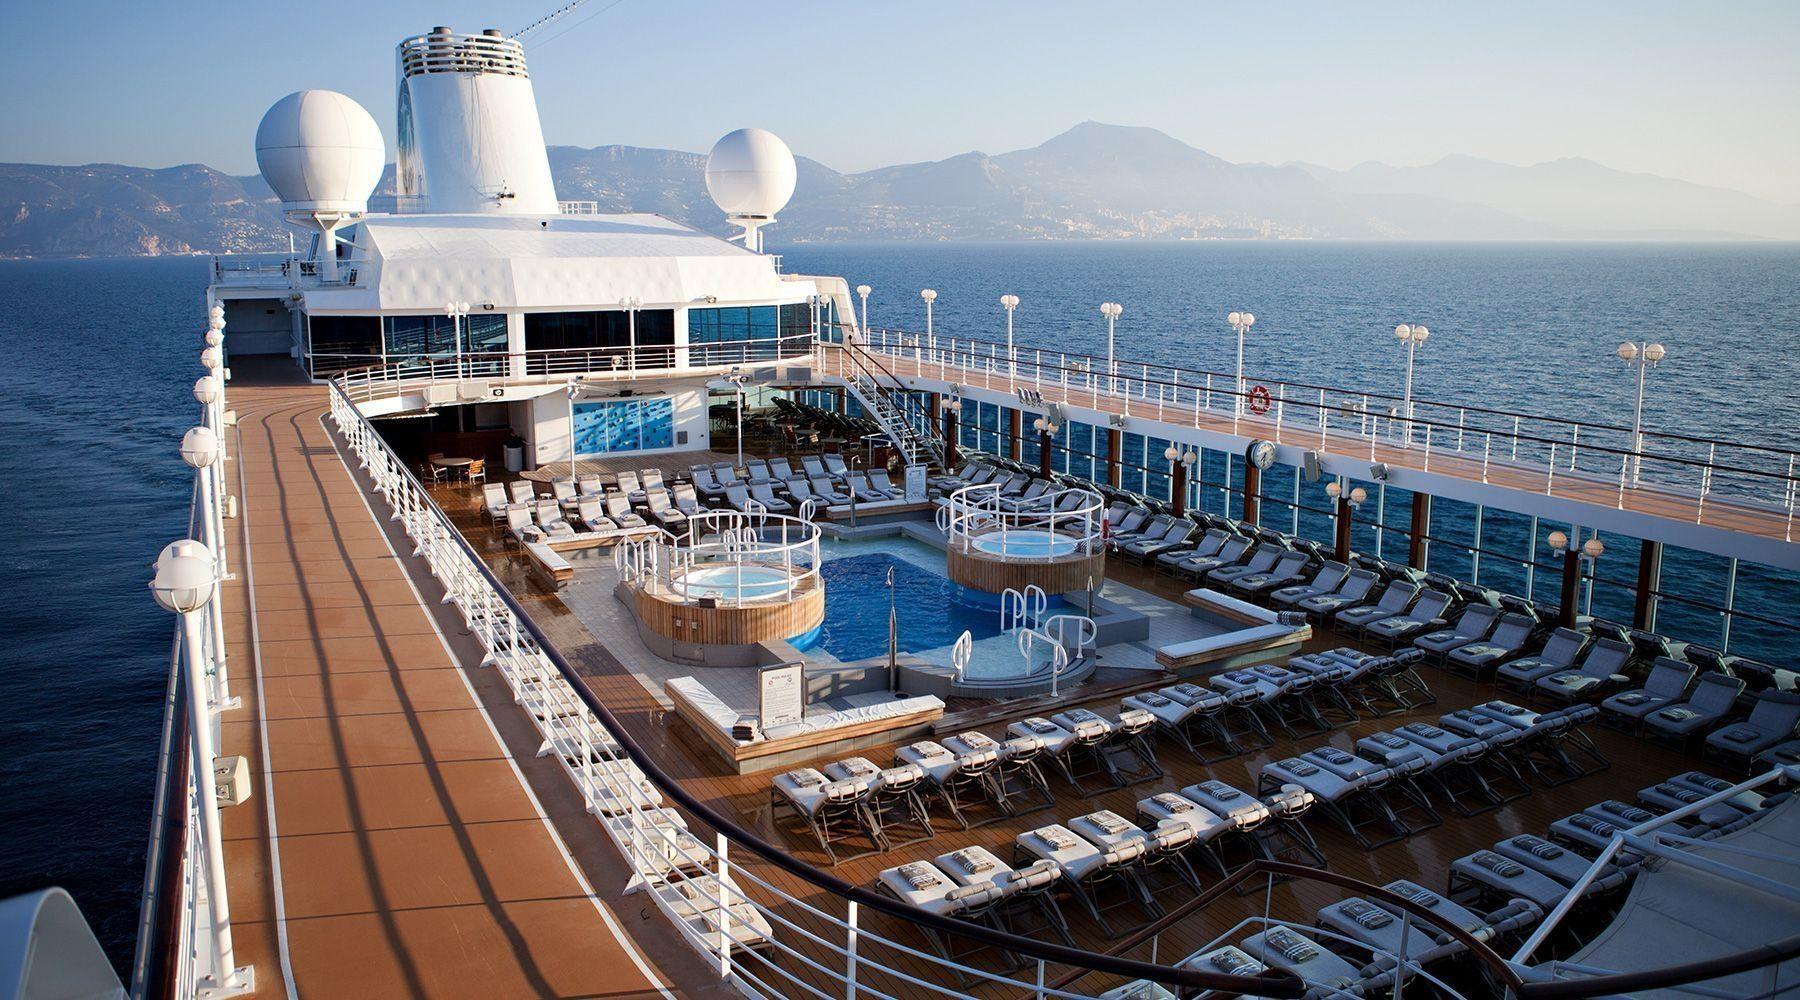 Luxury ship Azamara Journey, part of Royal Caribbean Cruises